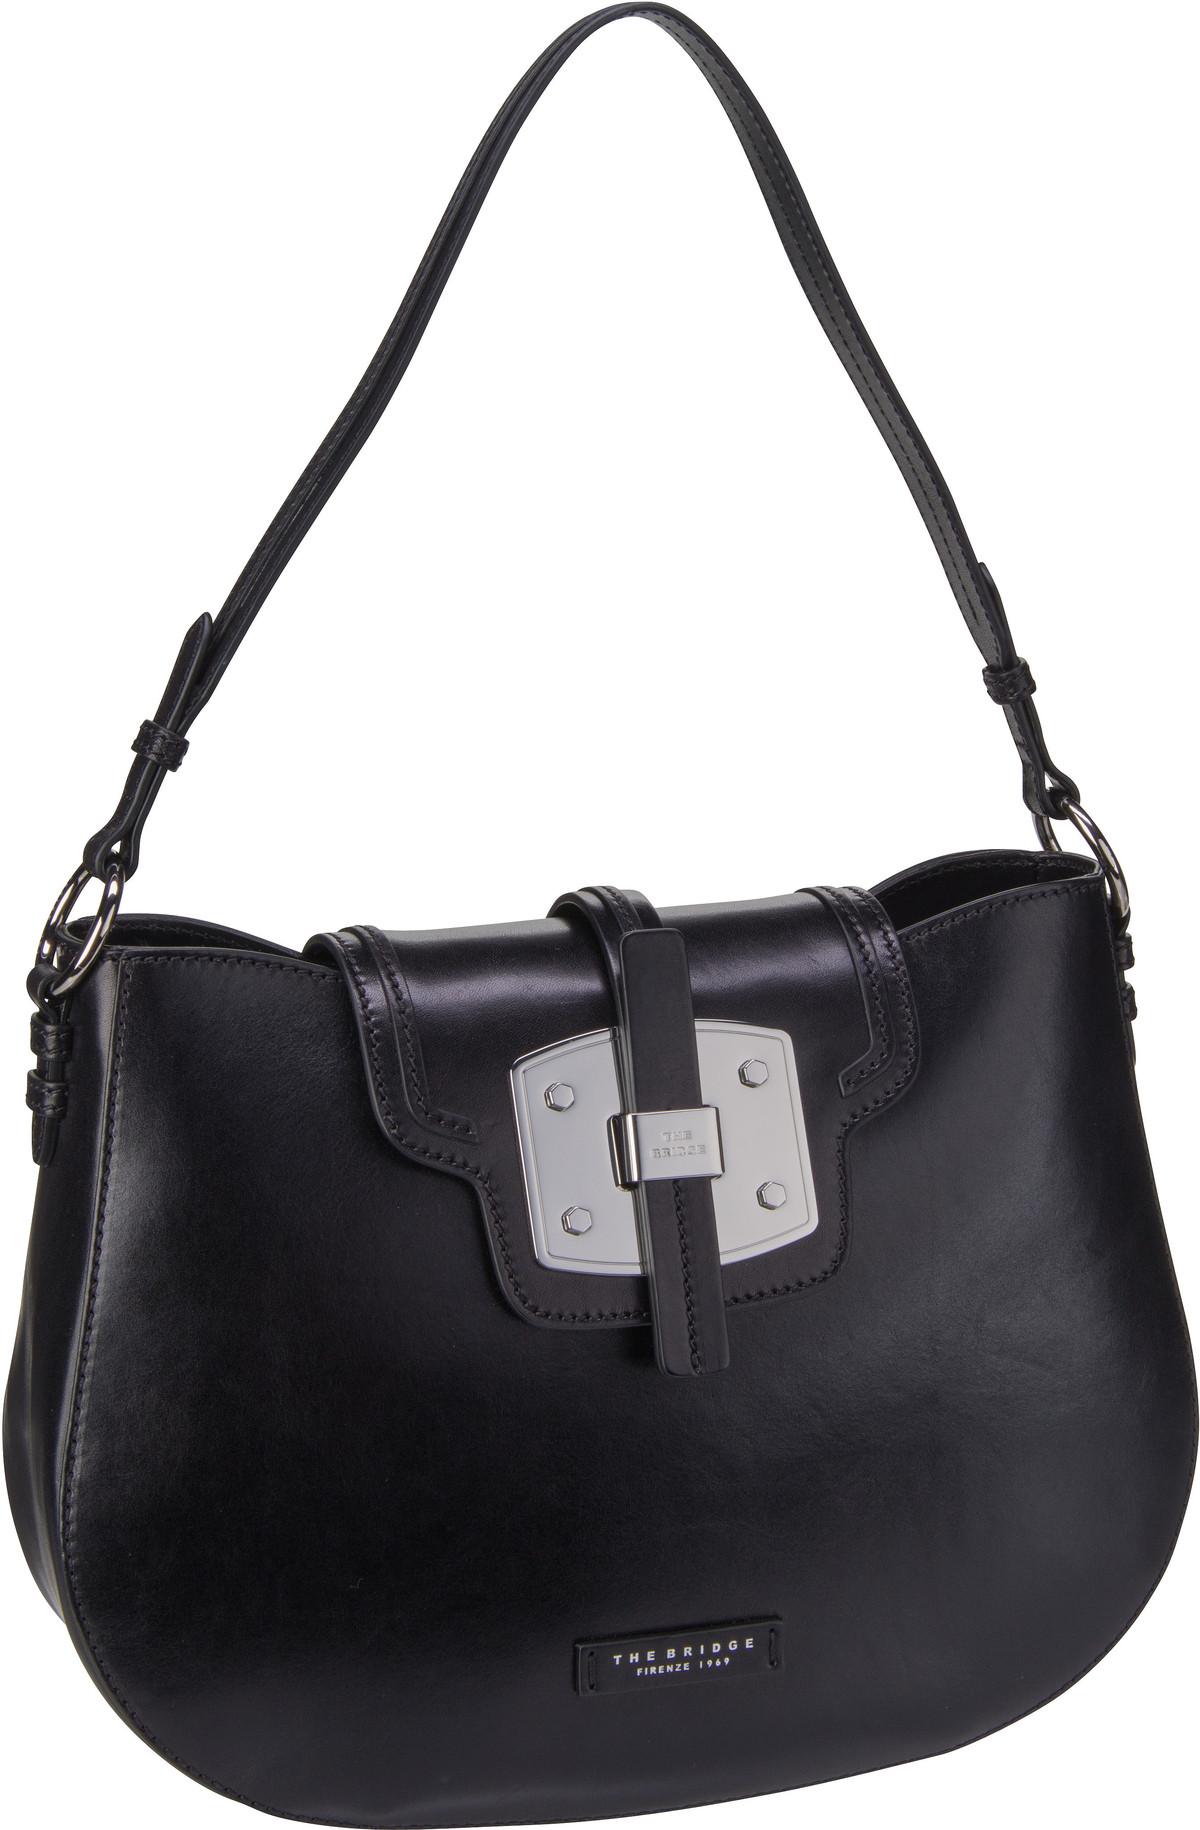 Handtasche Lambertesca Hobo Bag 1829 Nero